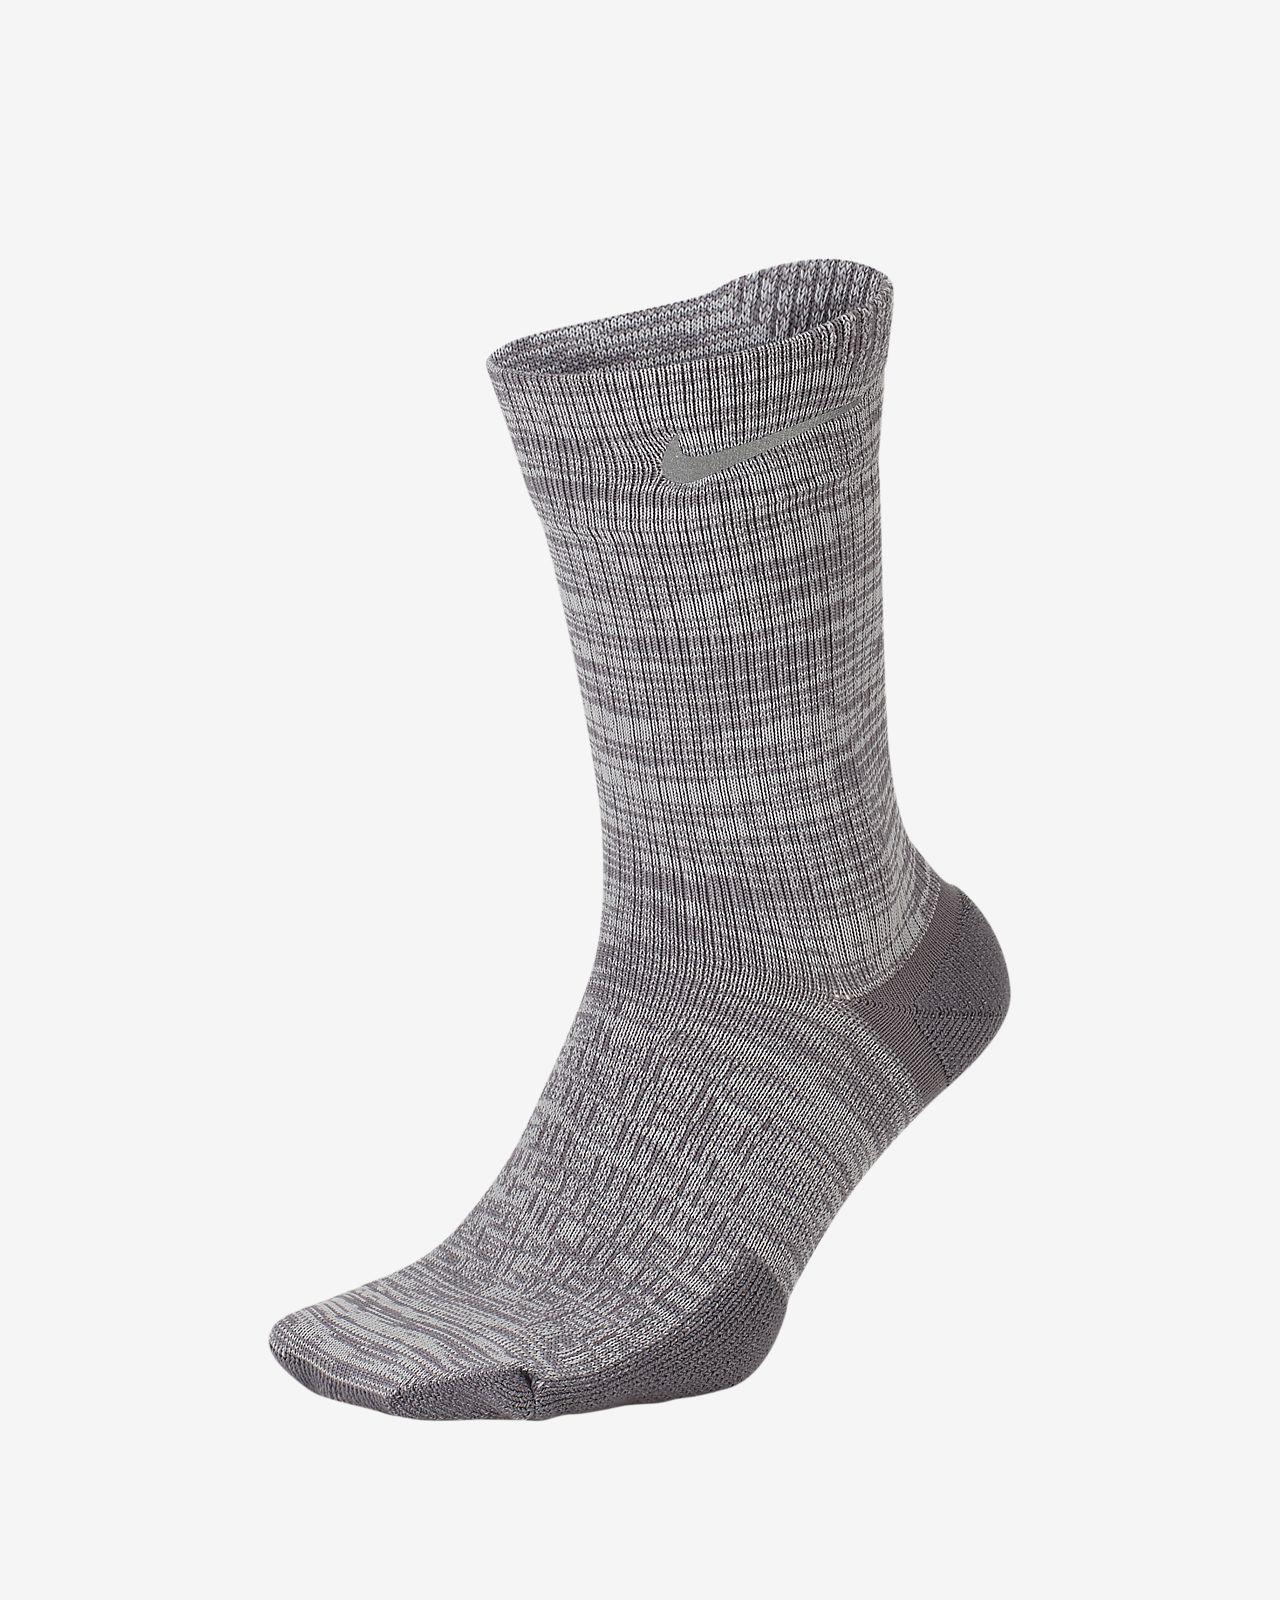 Nike Spark Cushioning Crew Running Sock